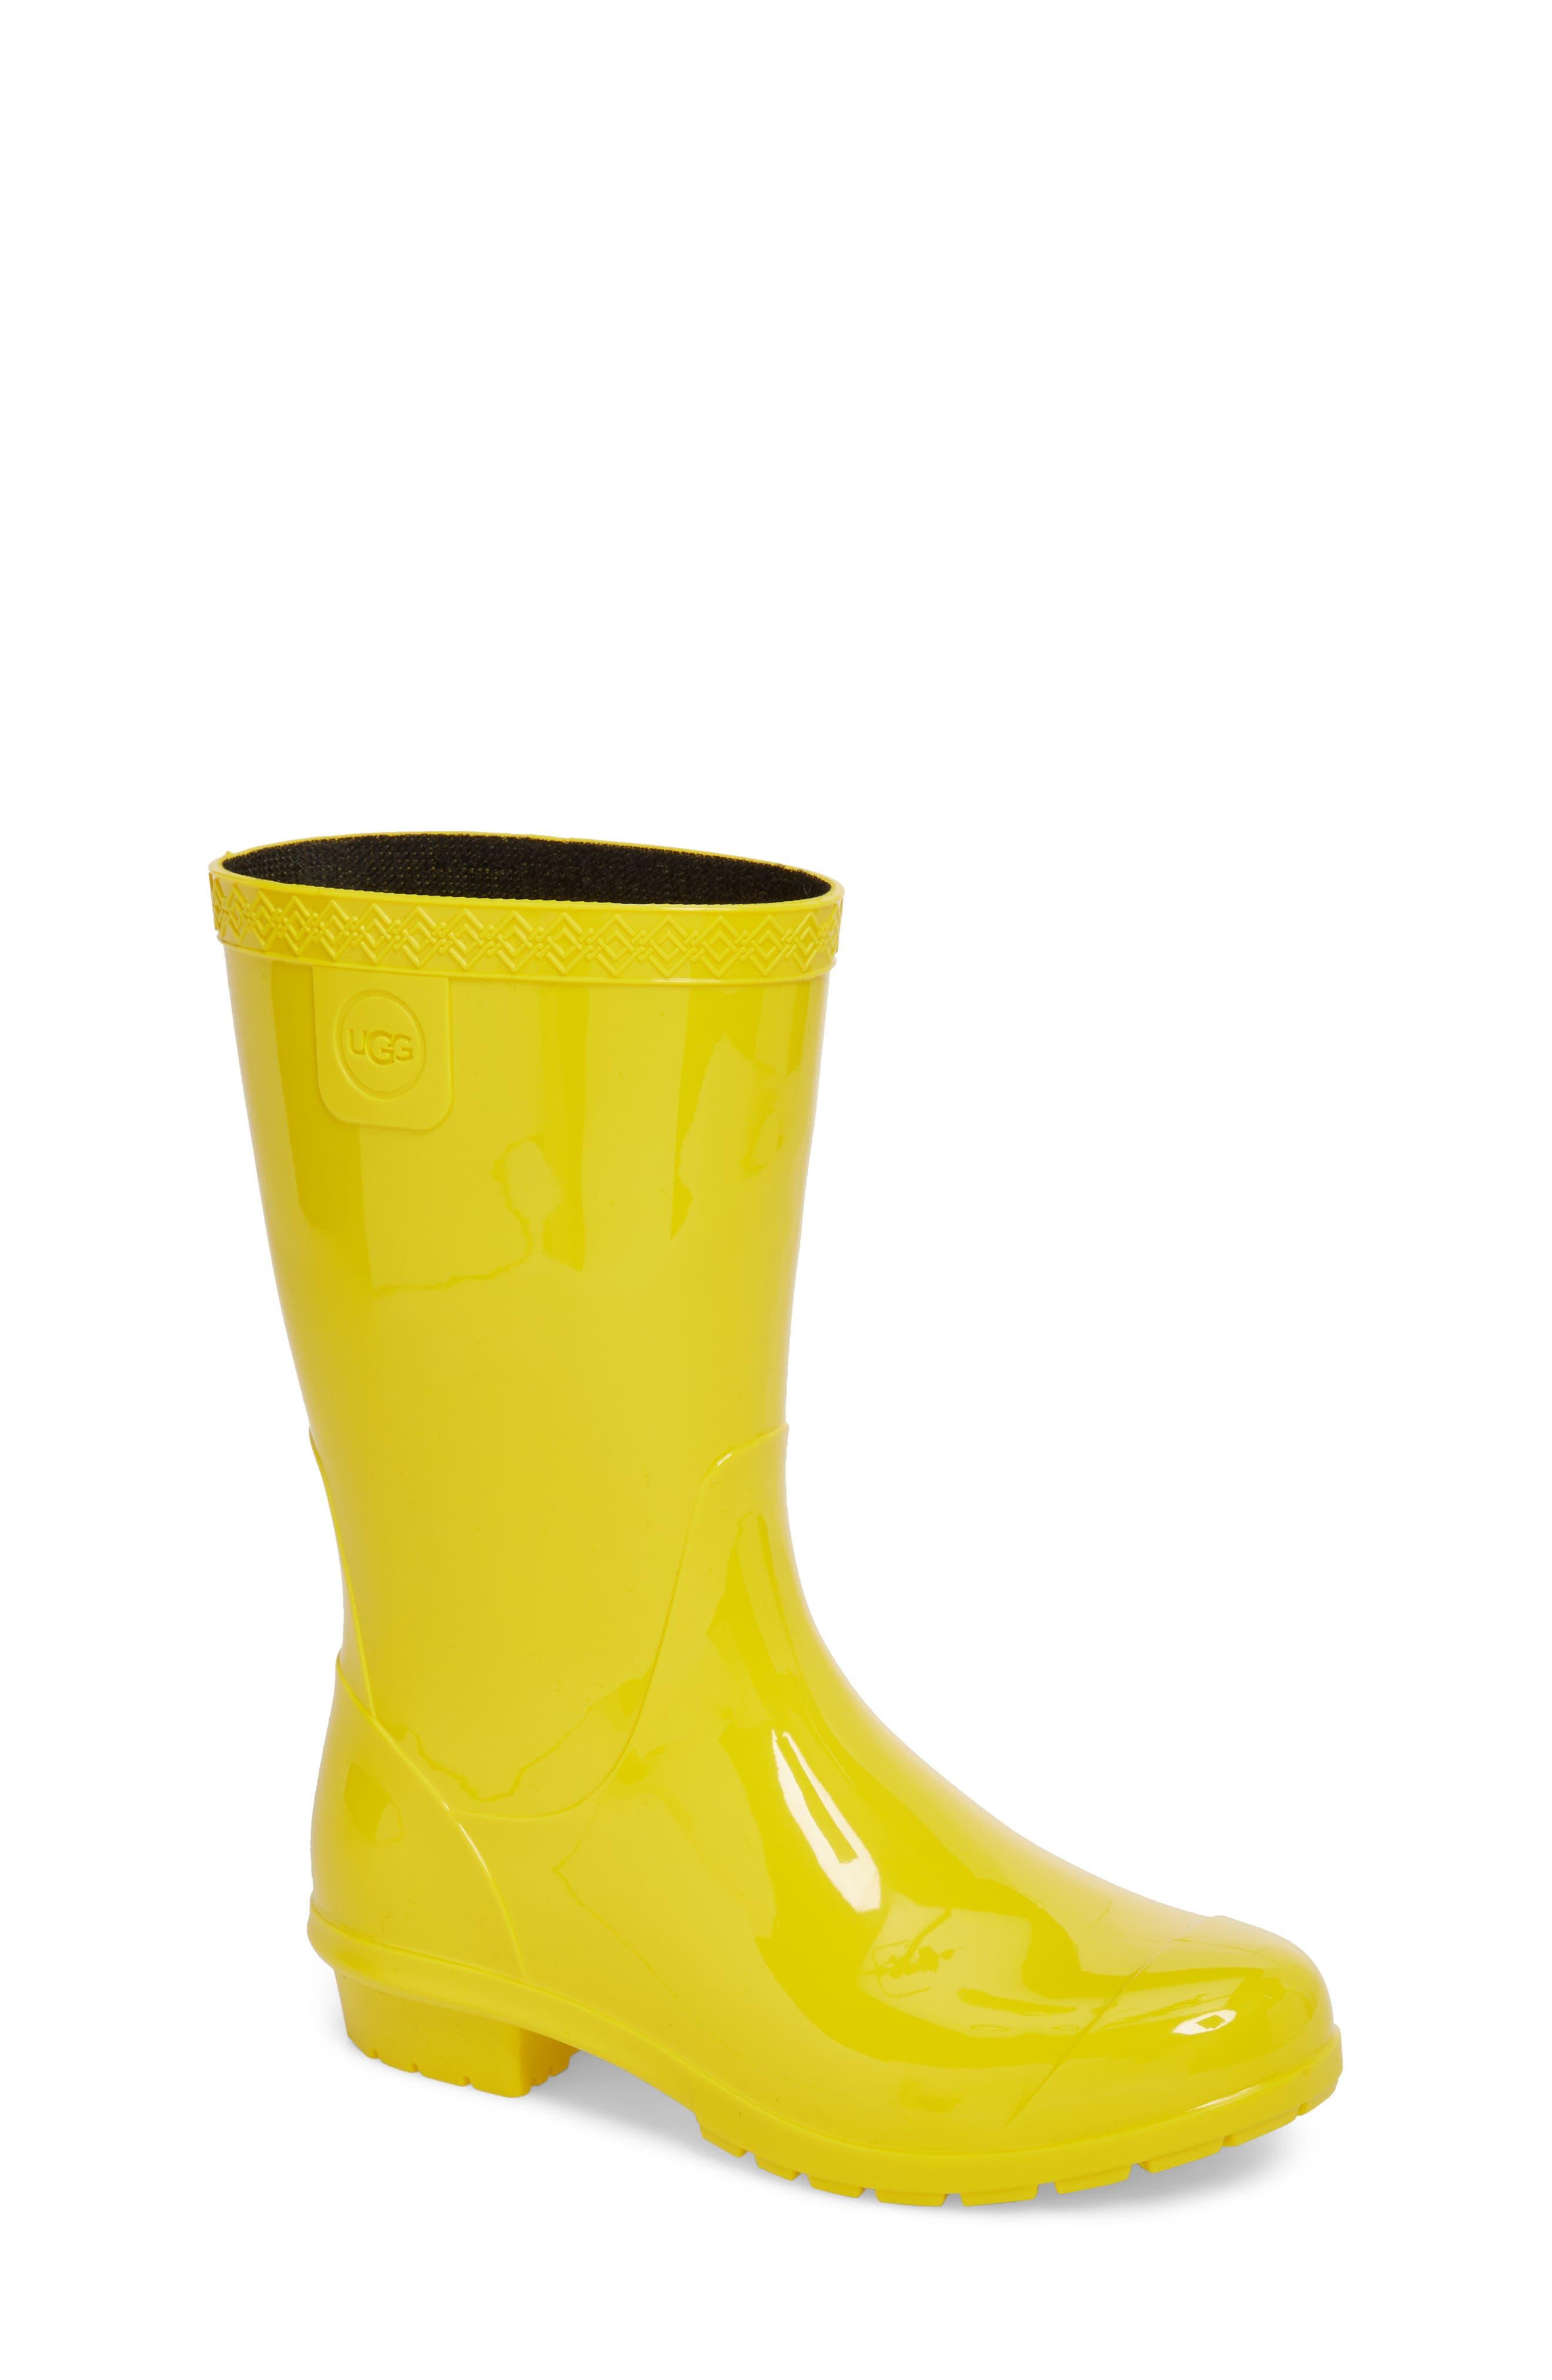 Main Image - UGG® Raana Waterproof Rain Boot (Little Kid & Big Kid)